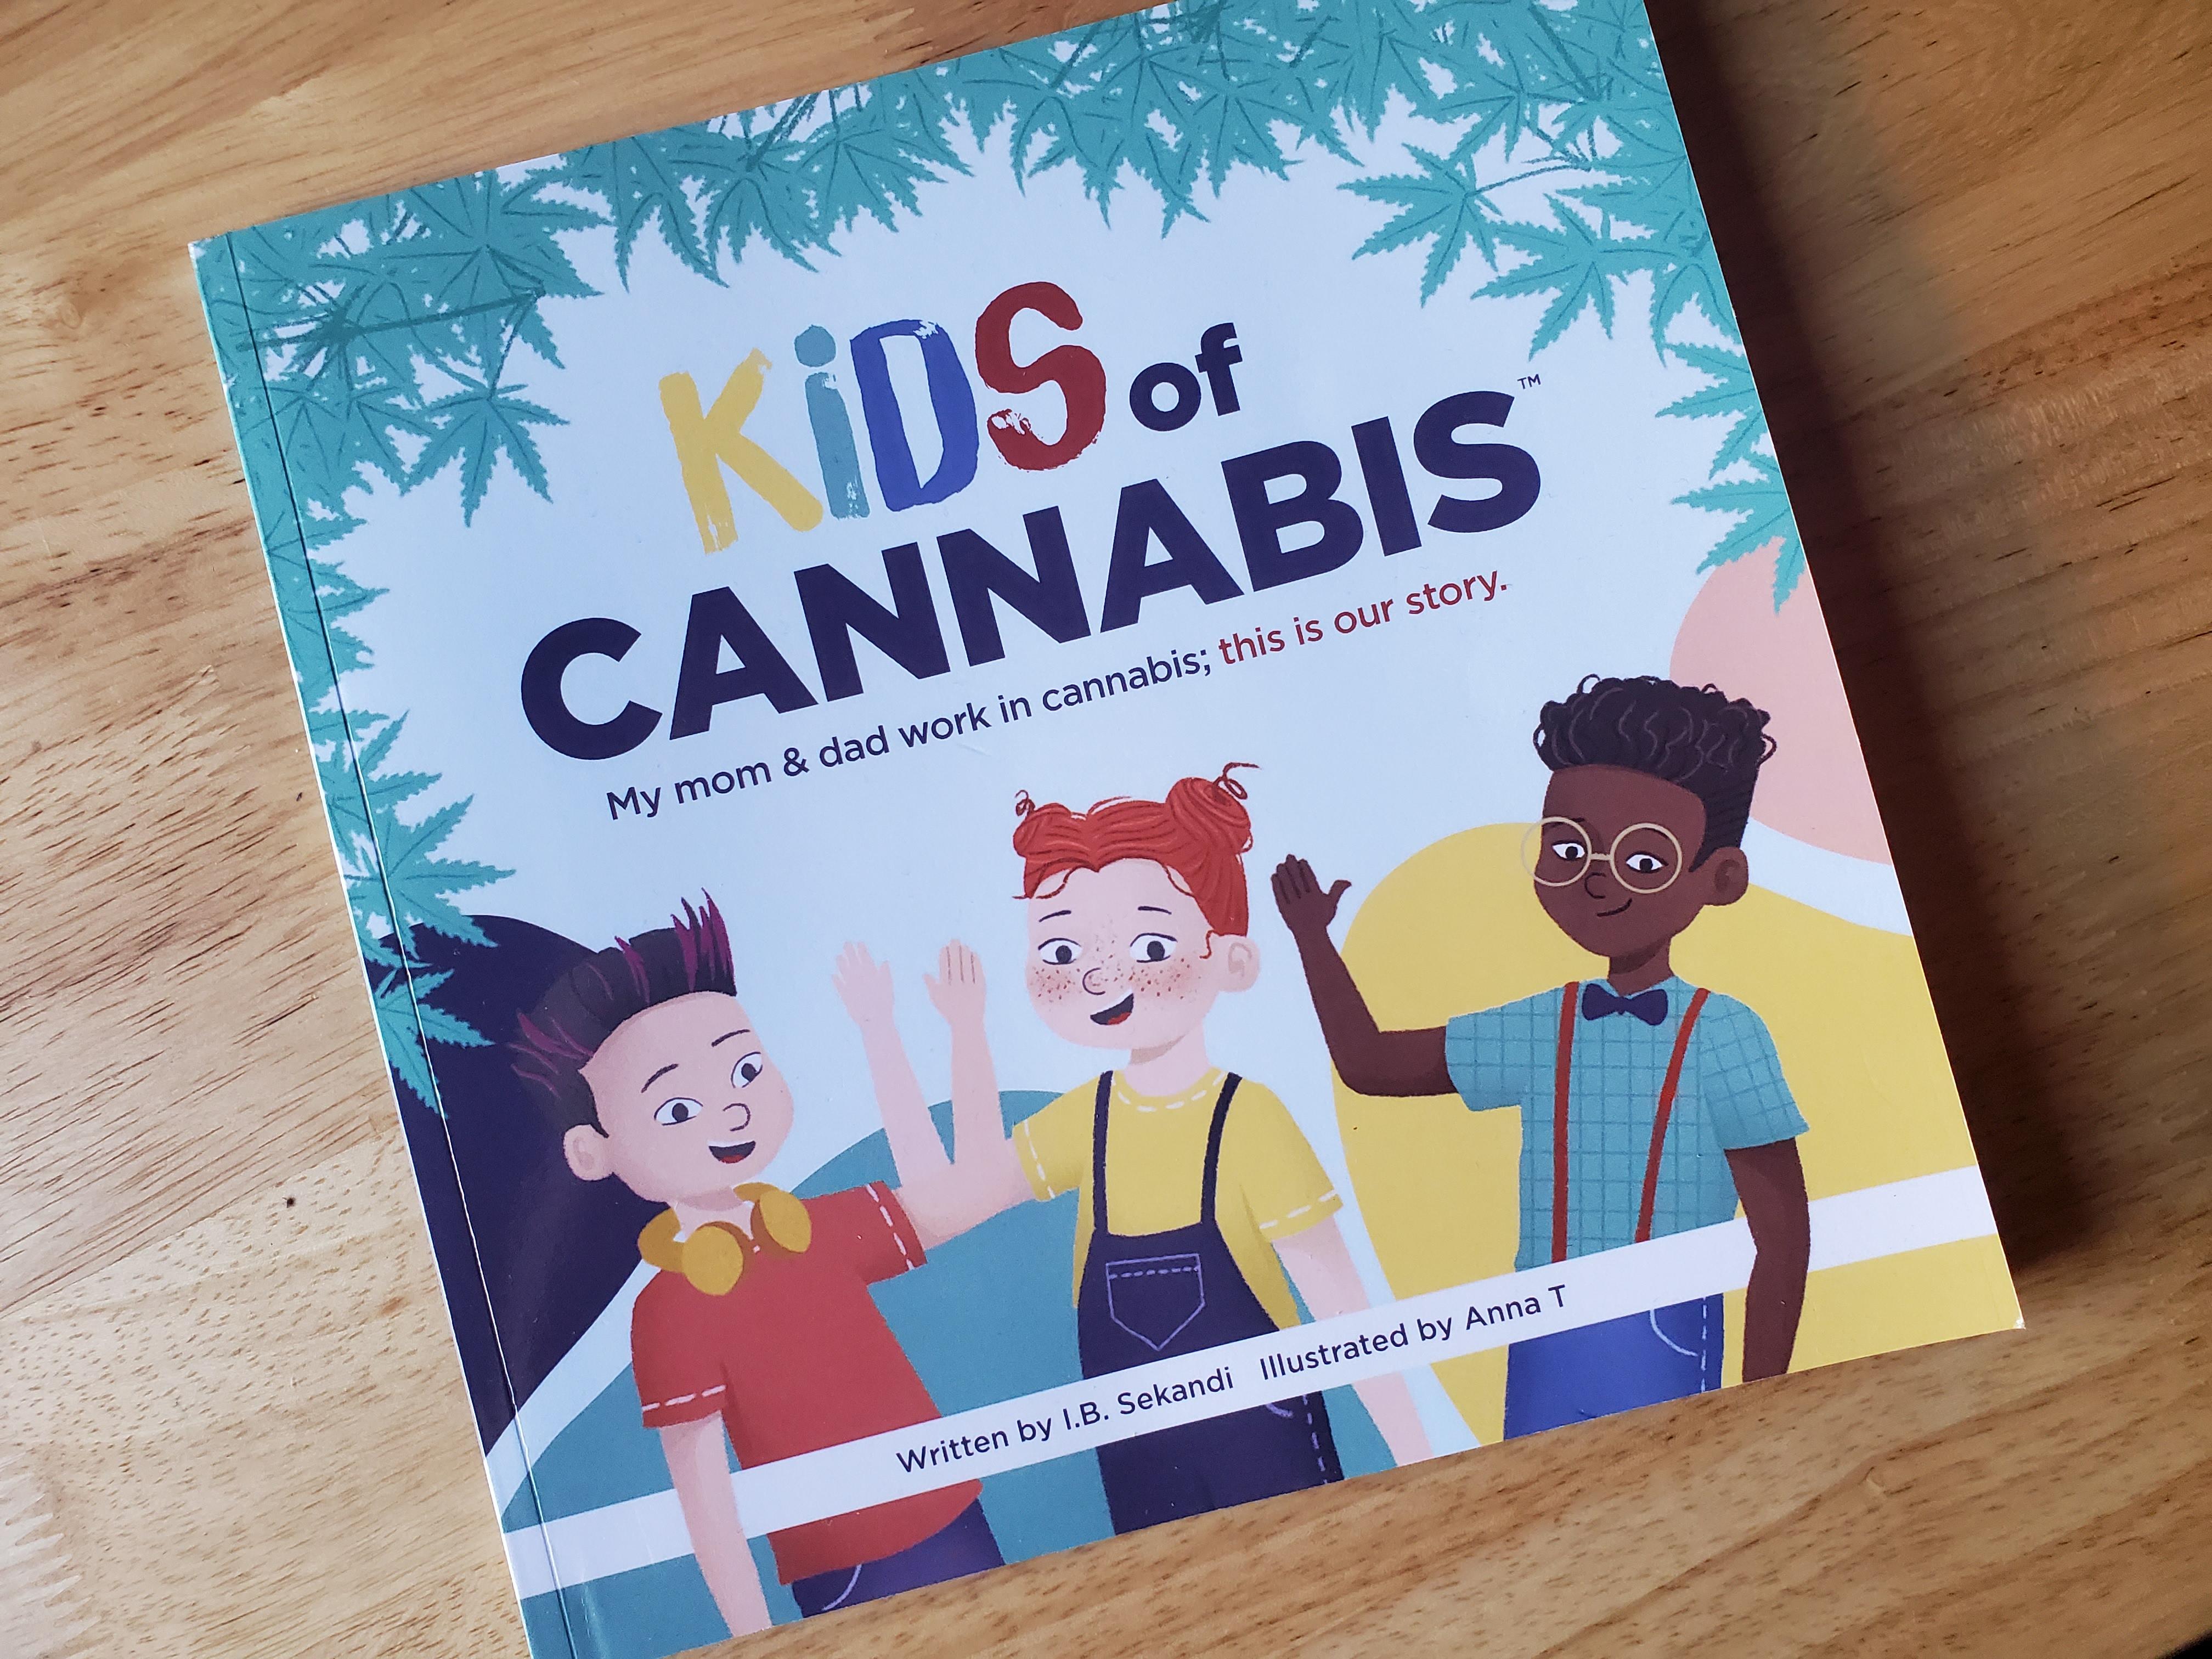 Review: I.B. Sekandi's Kids of Cannabis